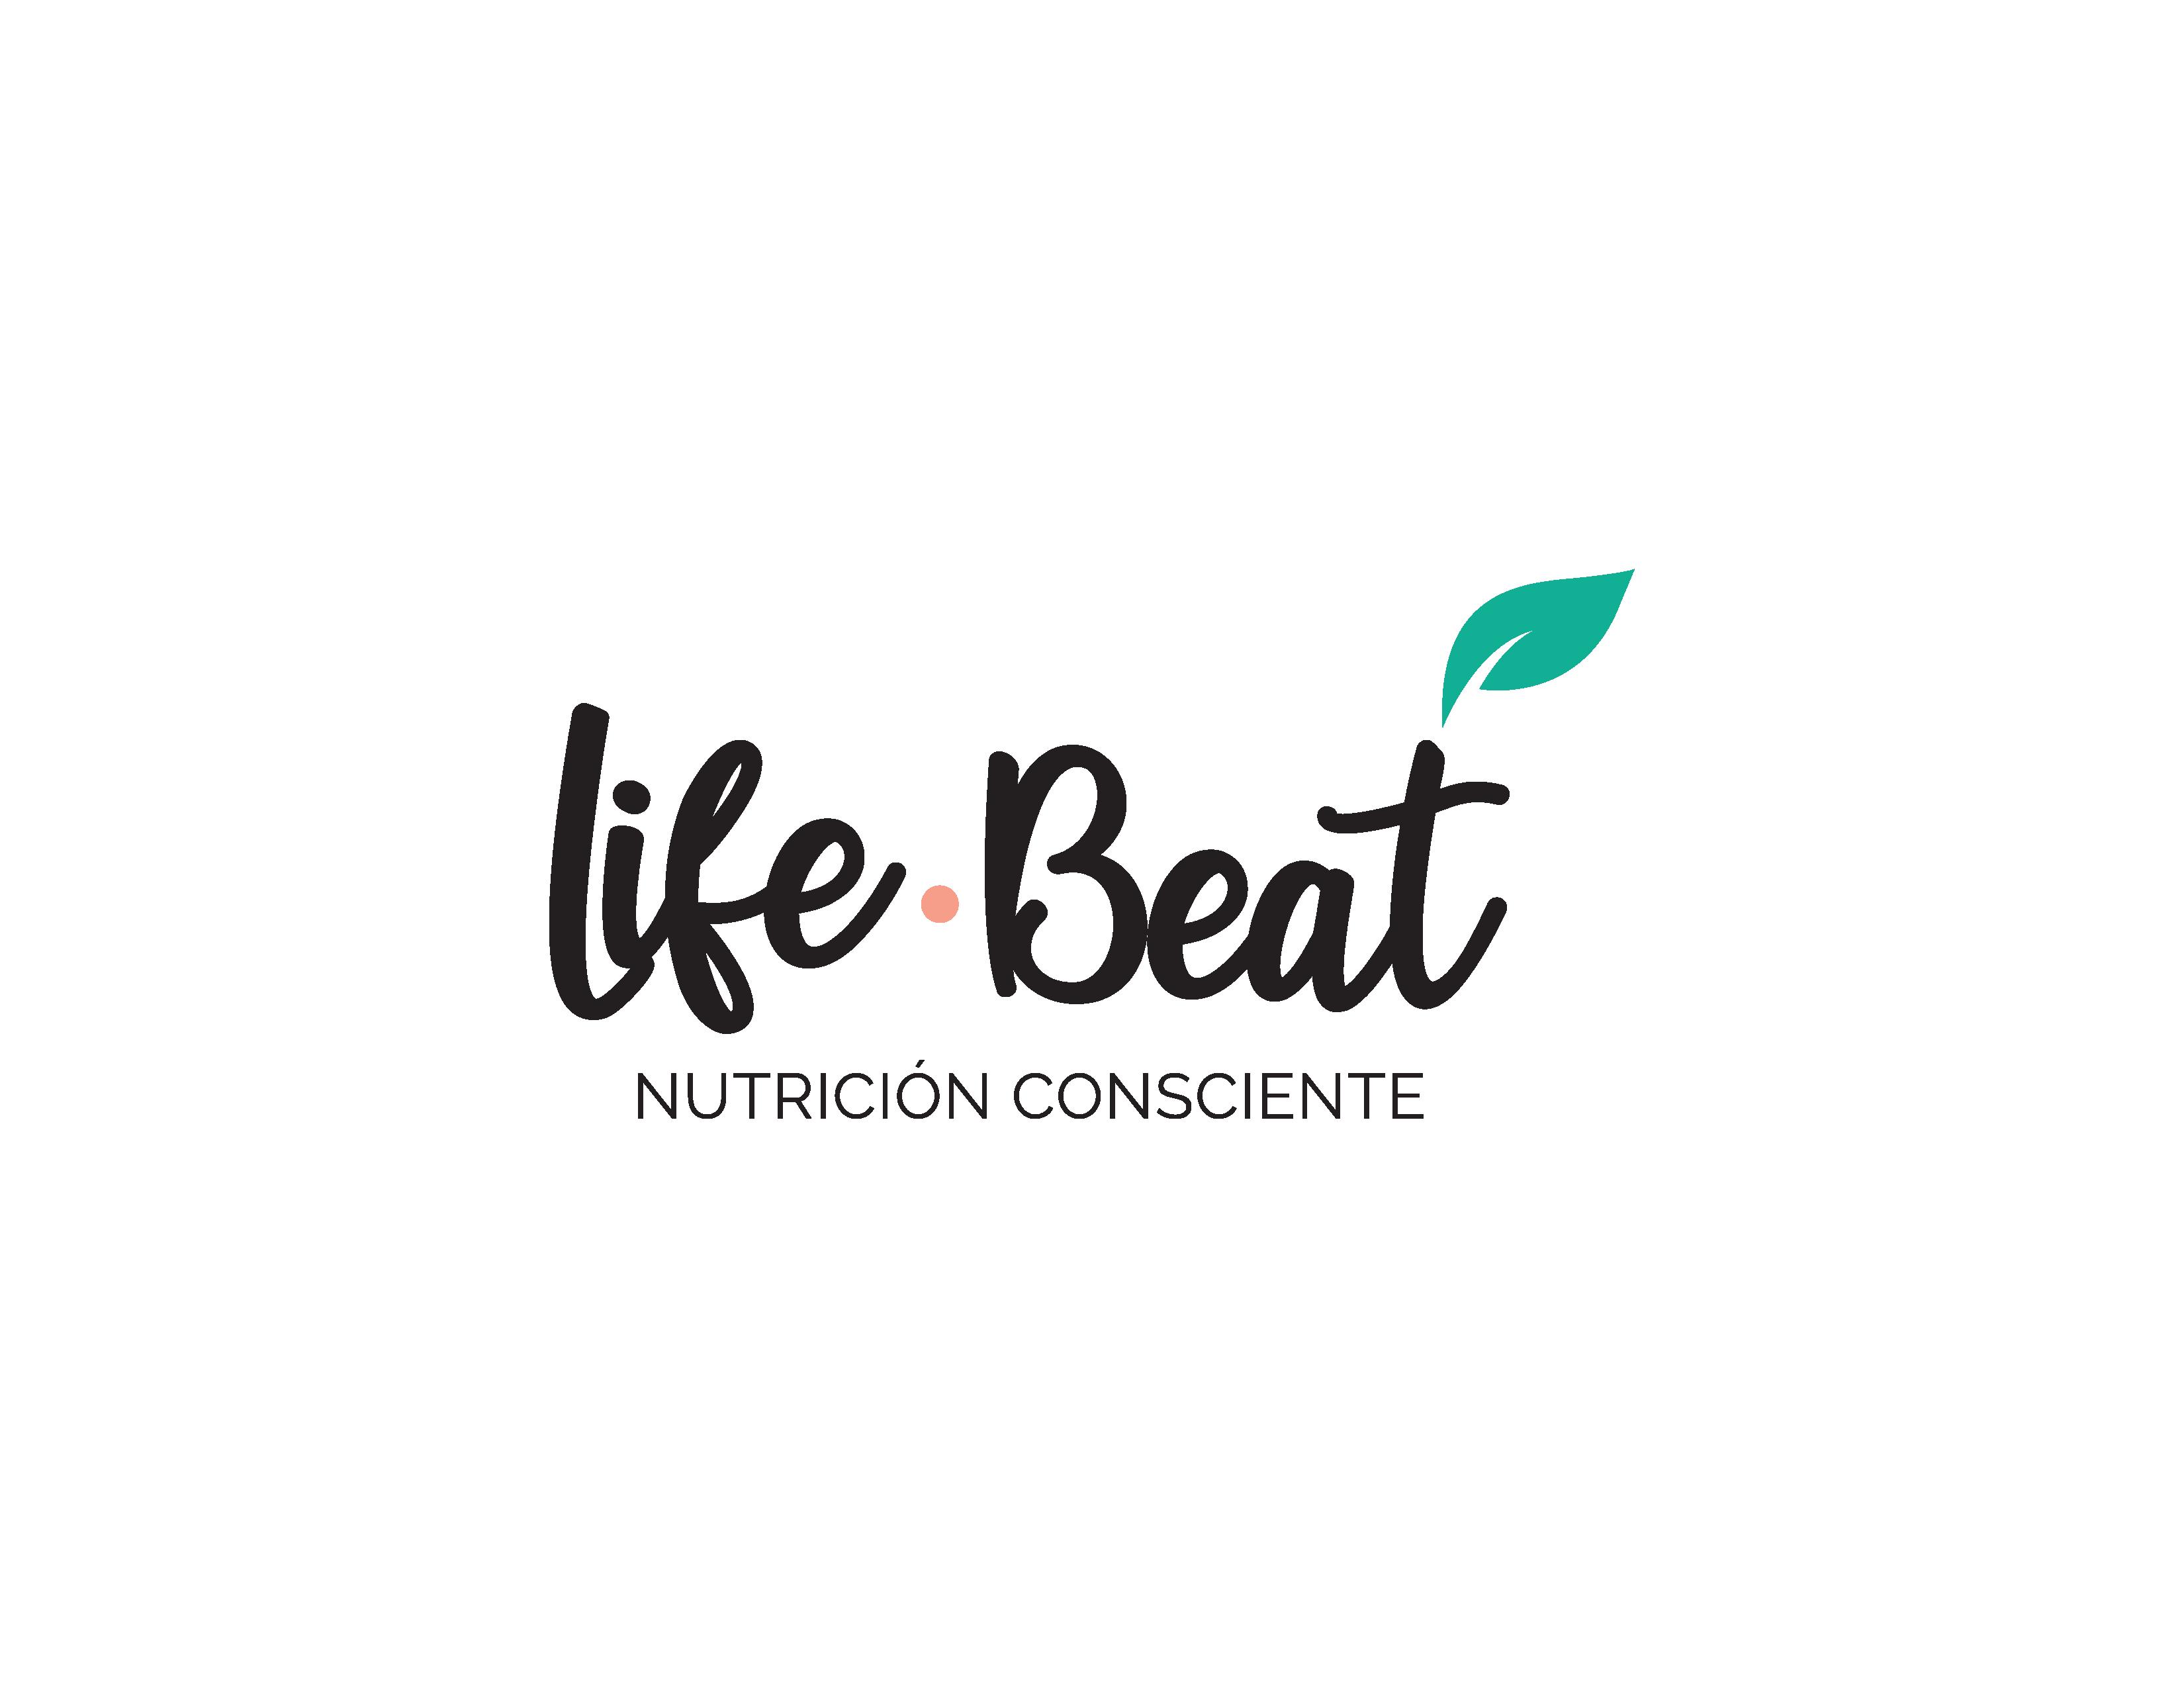 LIFEBEAT NUTRICIÓN CONSCIENTE